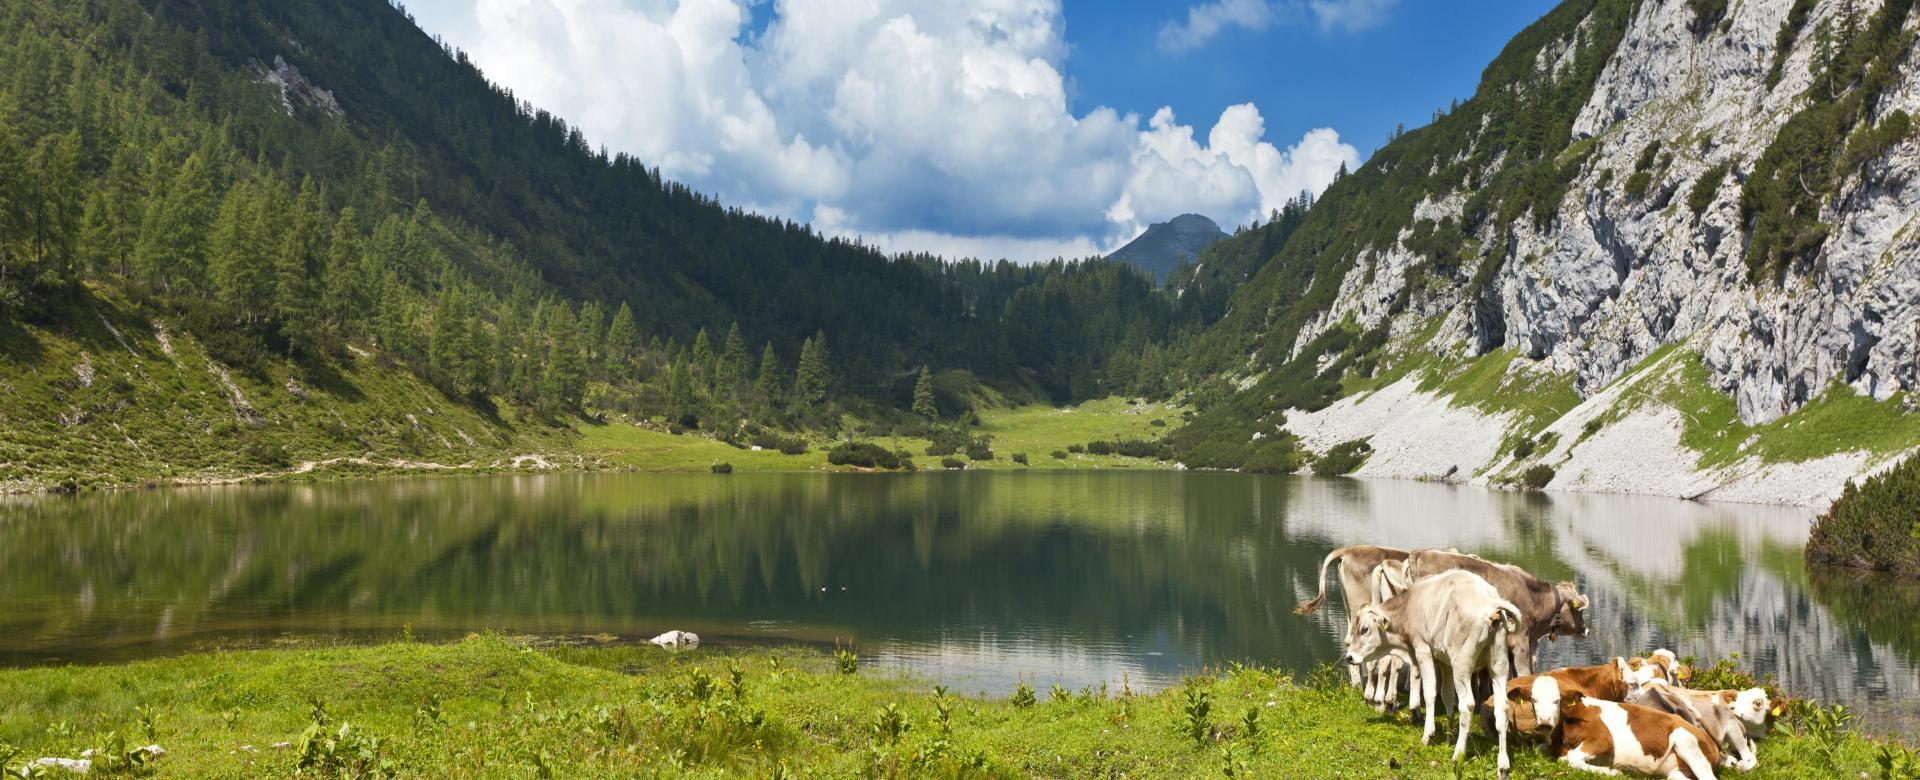 Voyage à pied : Salzbourg, la randonnée des dix lacs